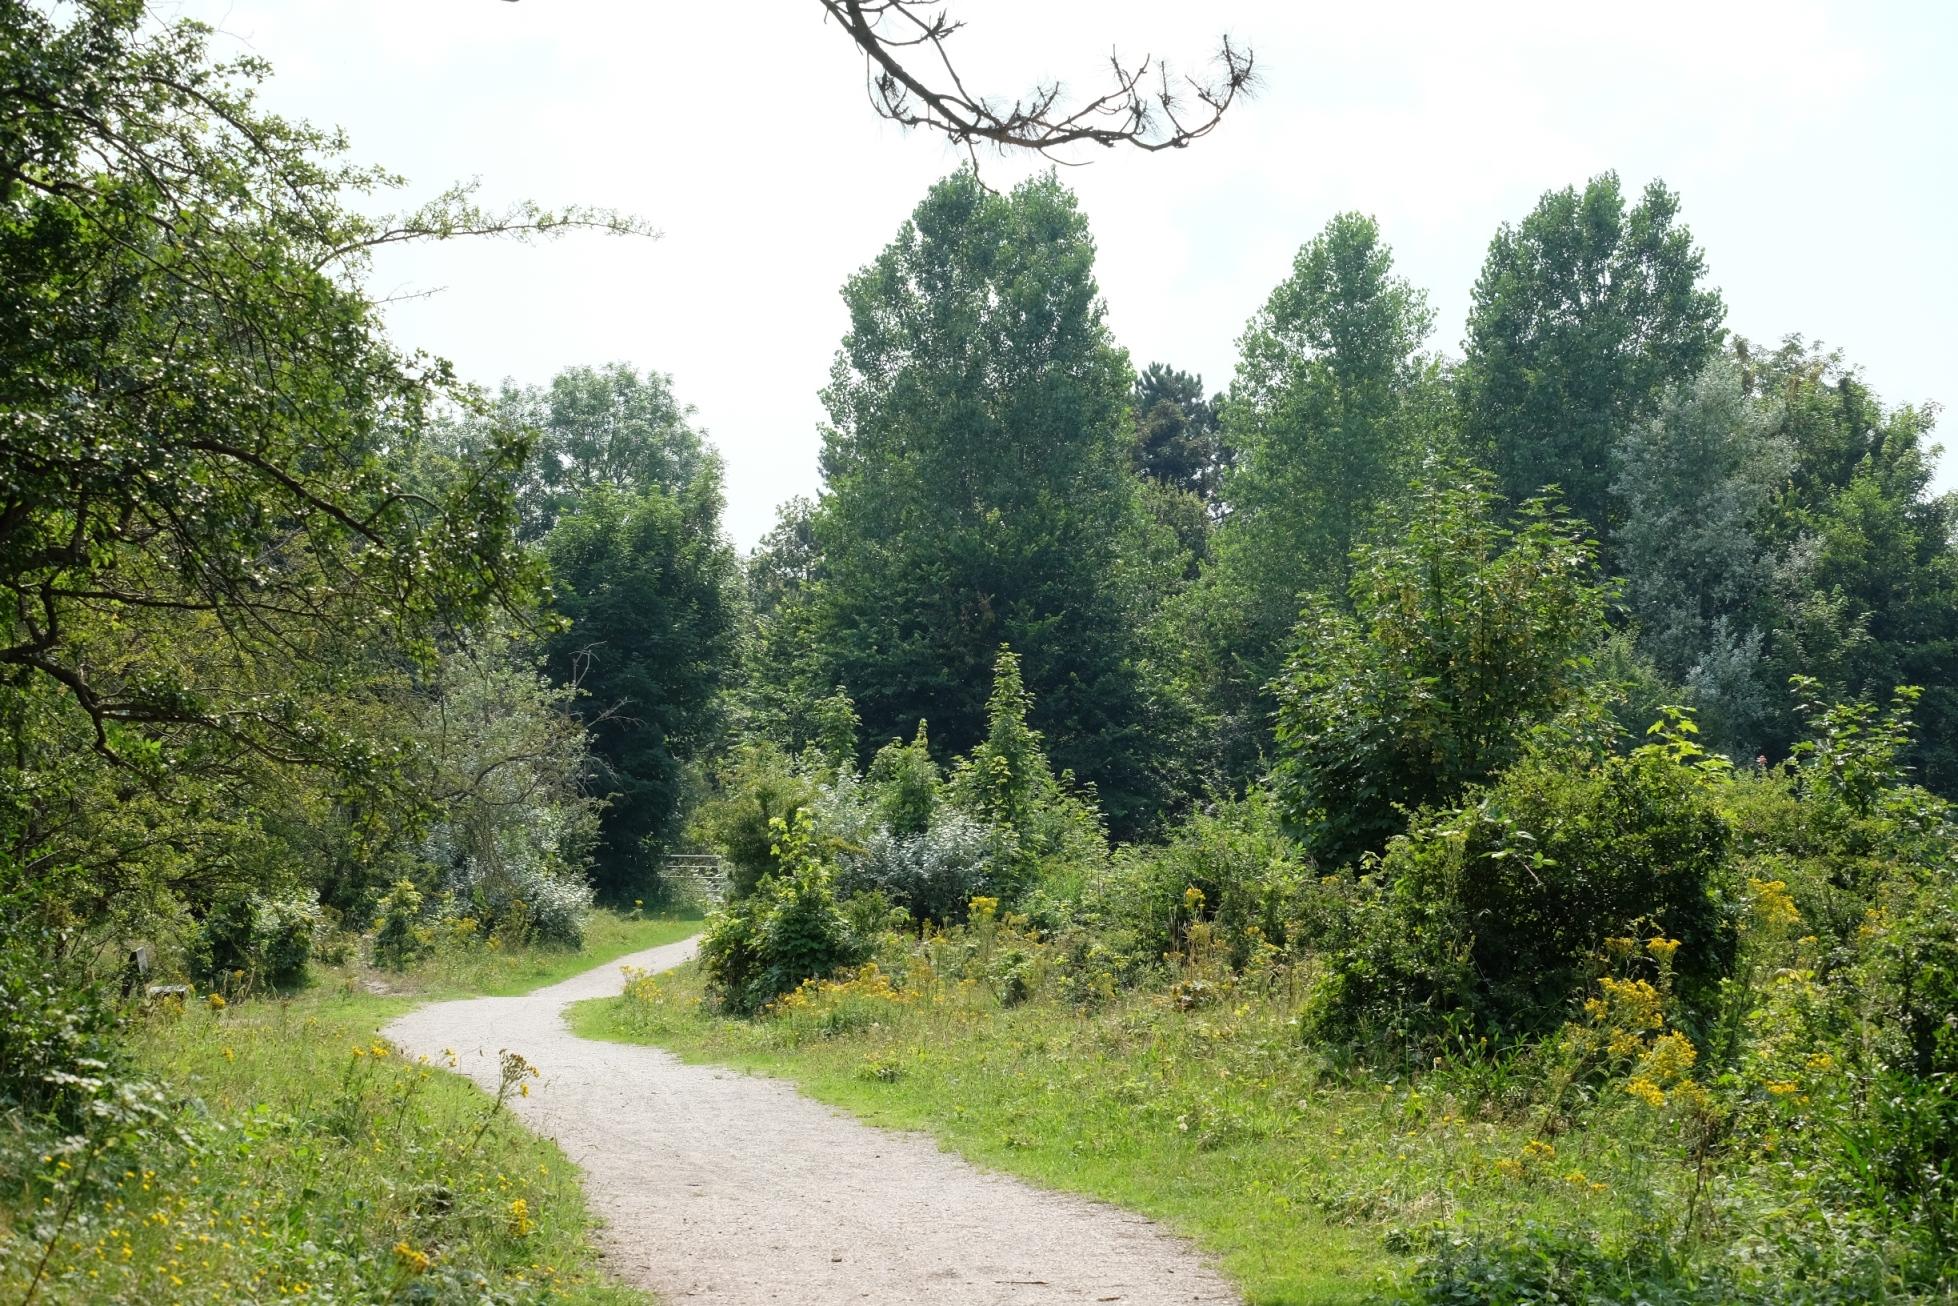 Tenellaplas Rolstoelroute - Elles van den Broek